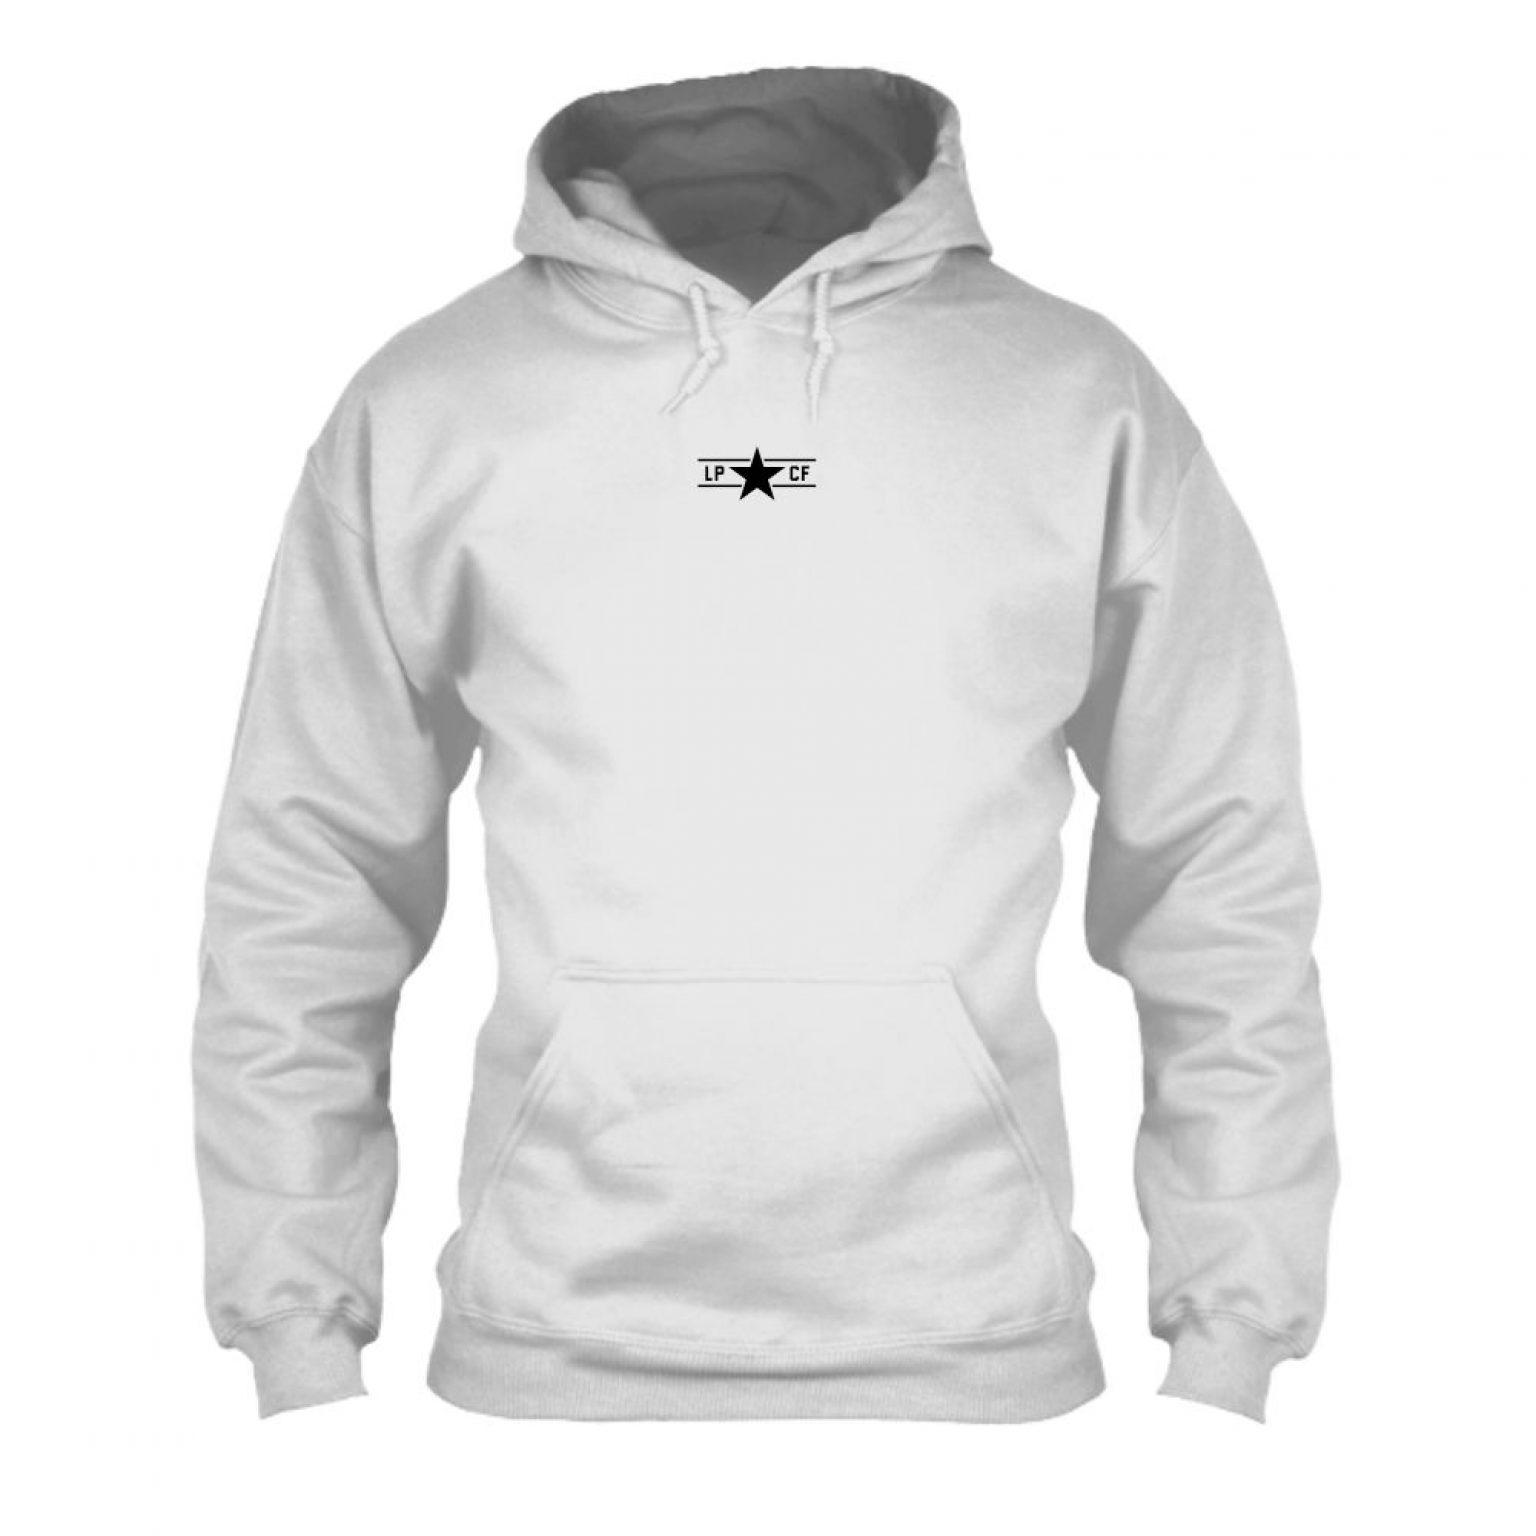 LPcircle hoodie oxford front